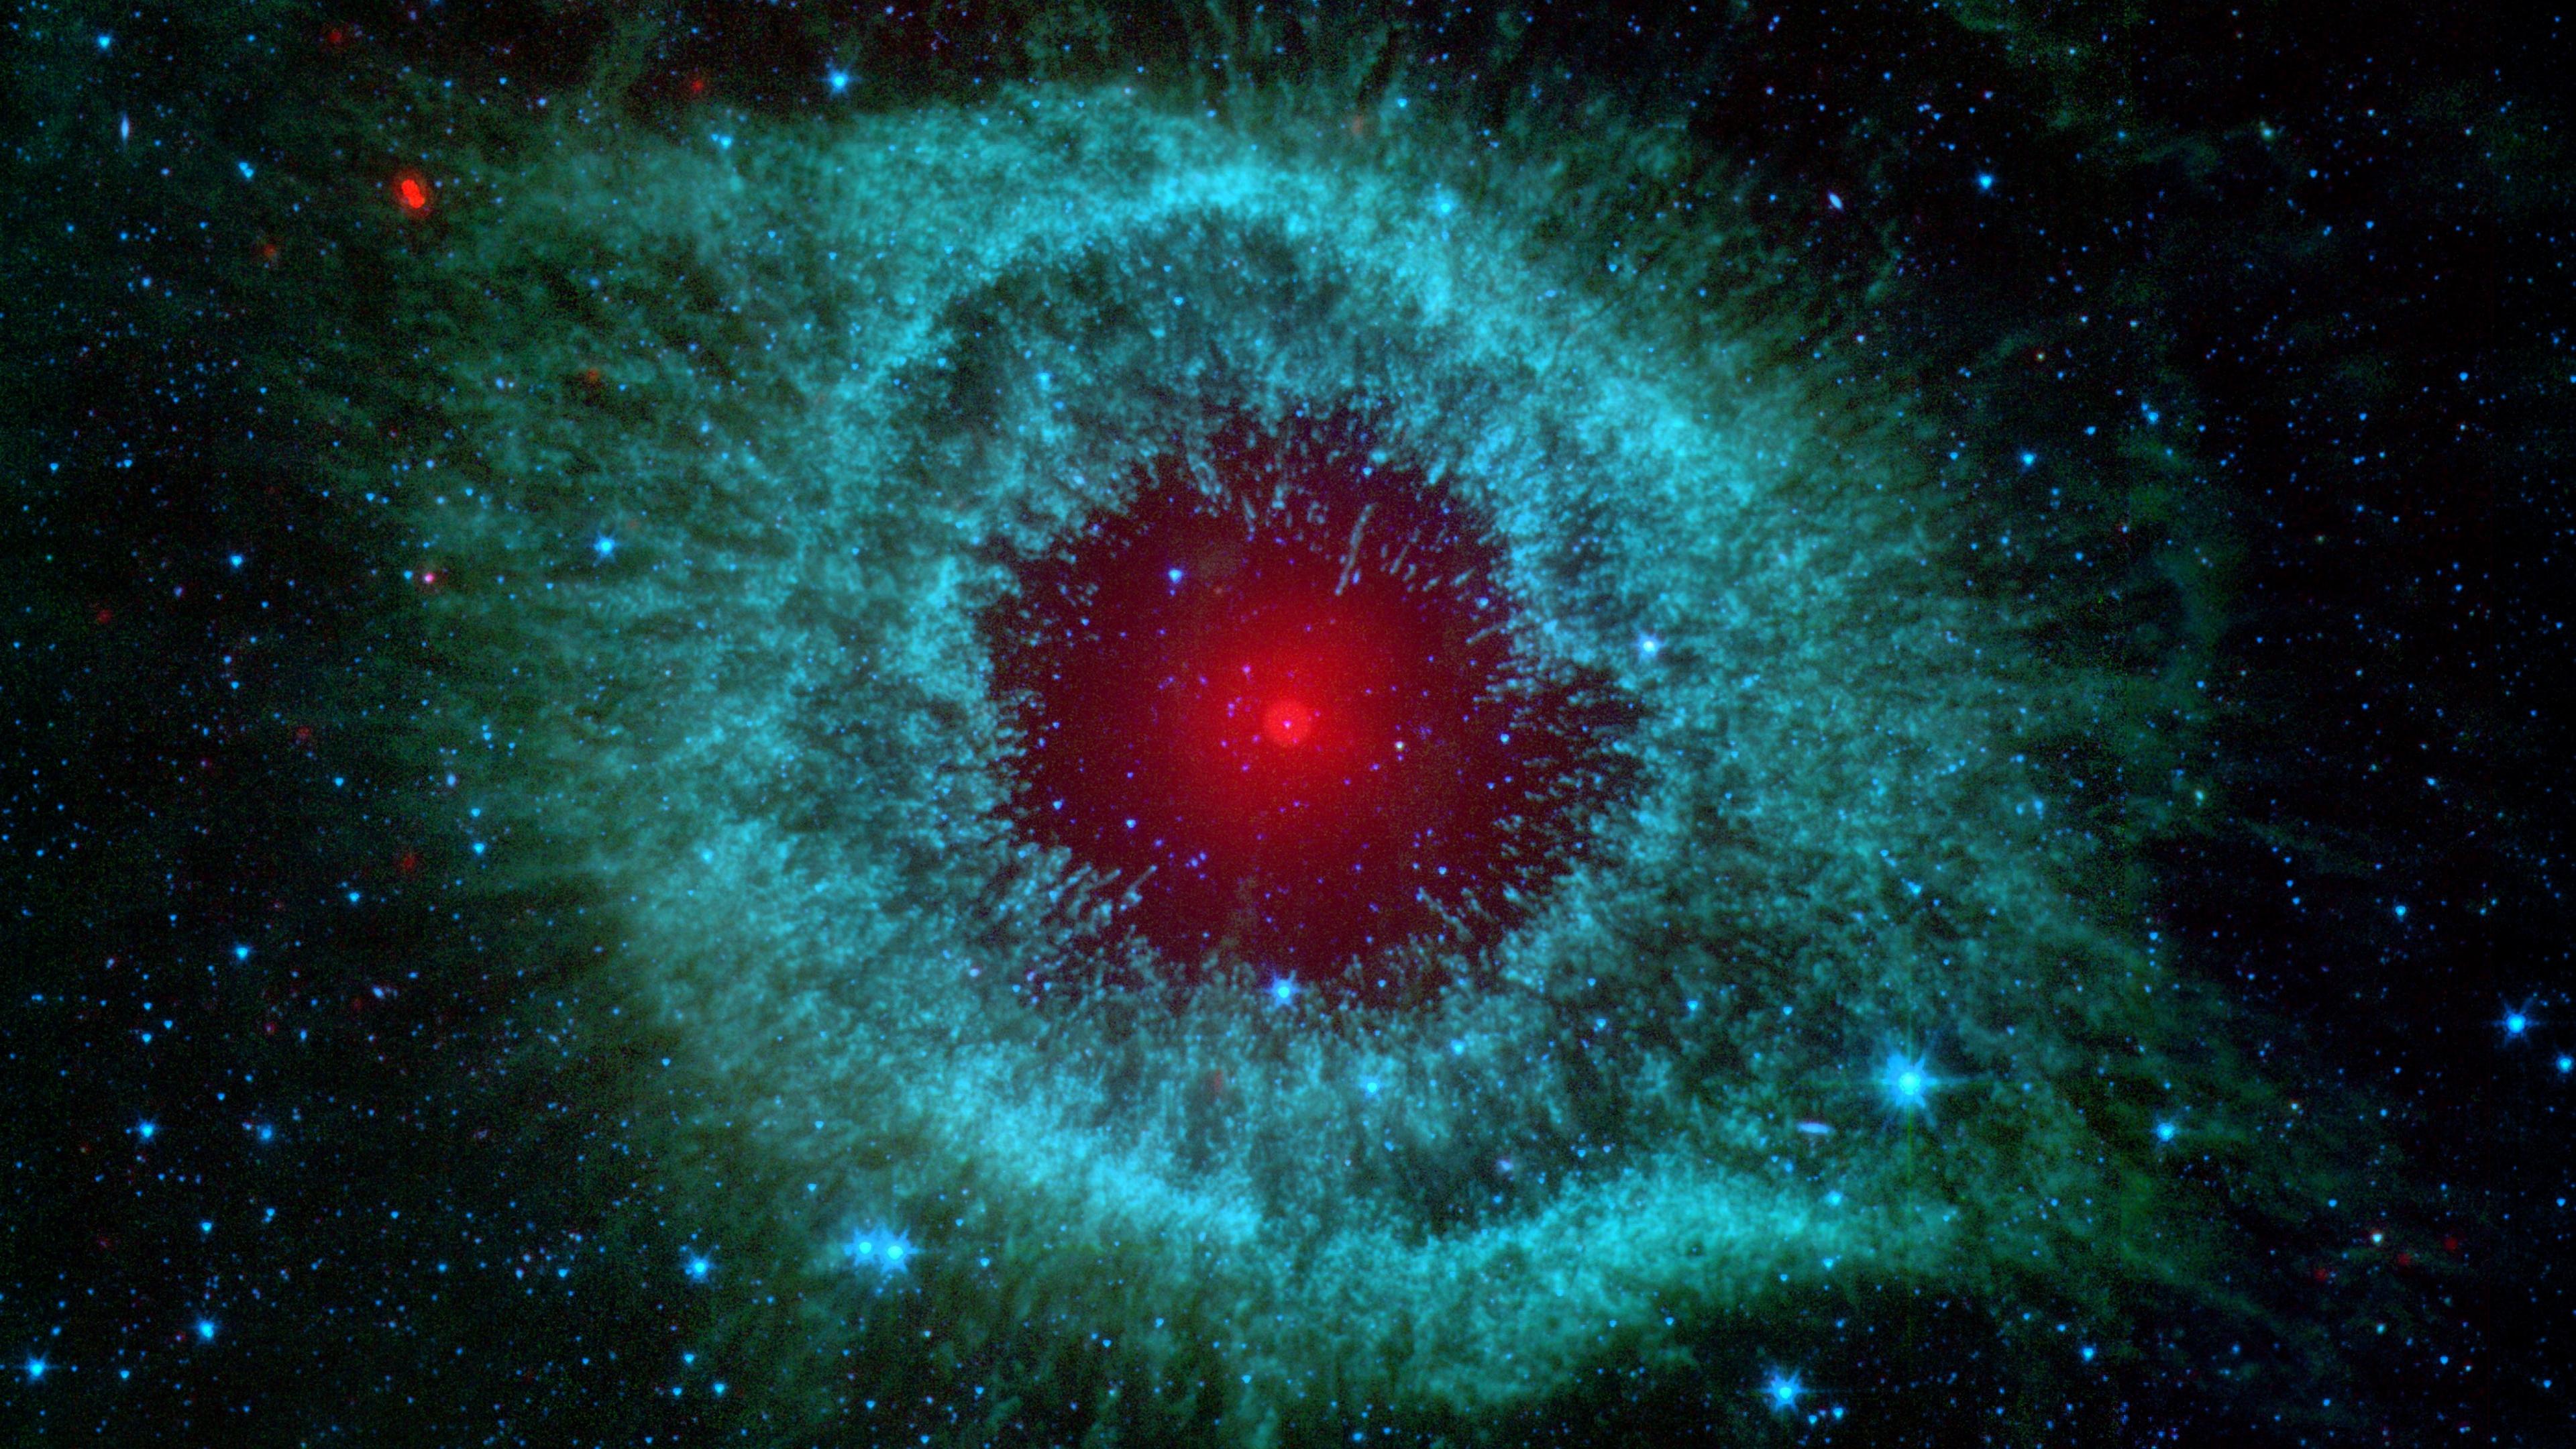 Wallpaper 4k Helix Nebula Constellation Nebula Astronomy Galaxy 4k Constellation Helix Nebula Nebula